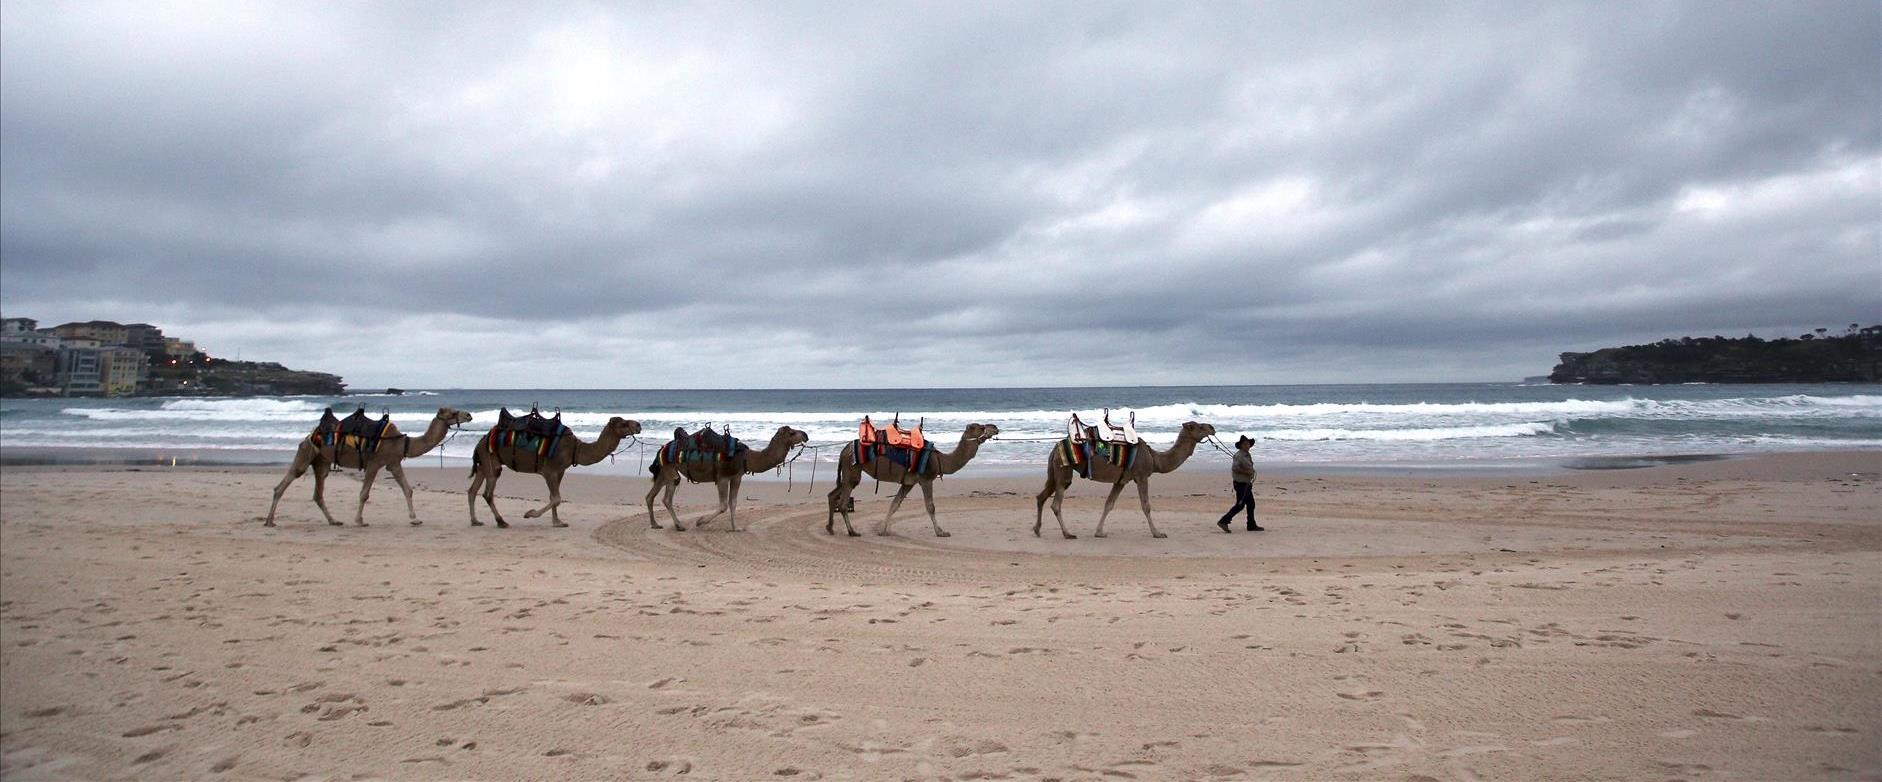 Australie : dix milles chameaux vont être abattus ils seraient responsables de  la sécheresse